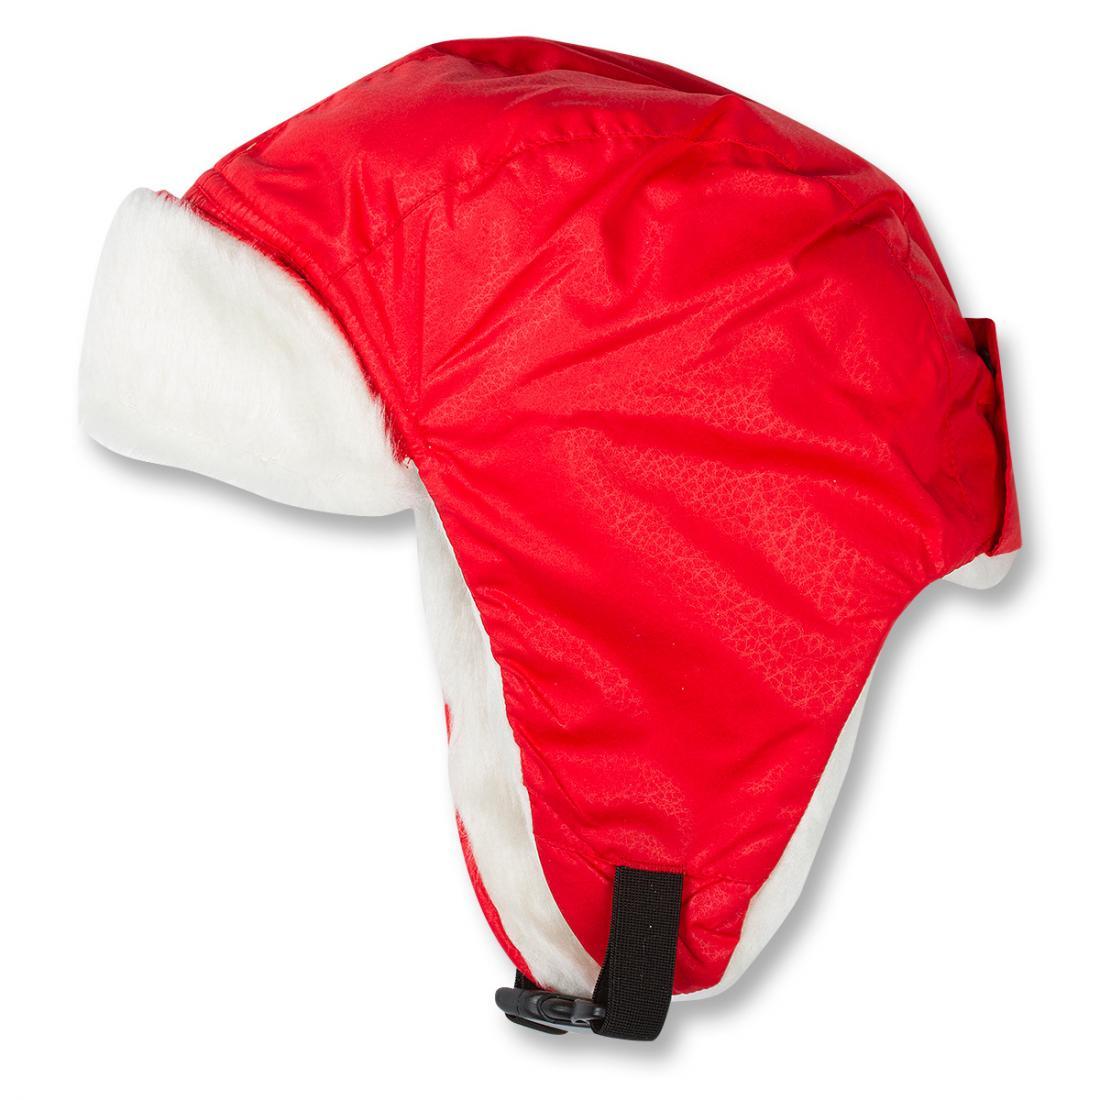 Шапка AmnistiaУшанки<br><br> Удобная шапка-ушанка классического дизайна.<br><br><br> Основные характеристики:<br><br><br>комфортная посадка<br>эргономичная конструкция кроя<br>отделка из искусственного меха<br>регулировка по высоте<br>&lt;...<br><br>Цвет: Красный<br>Размер: 60